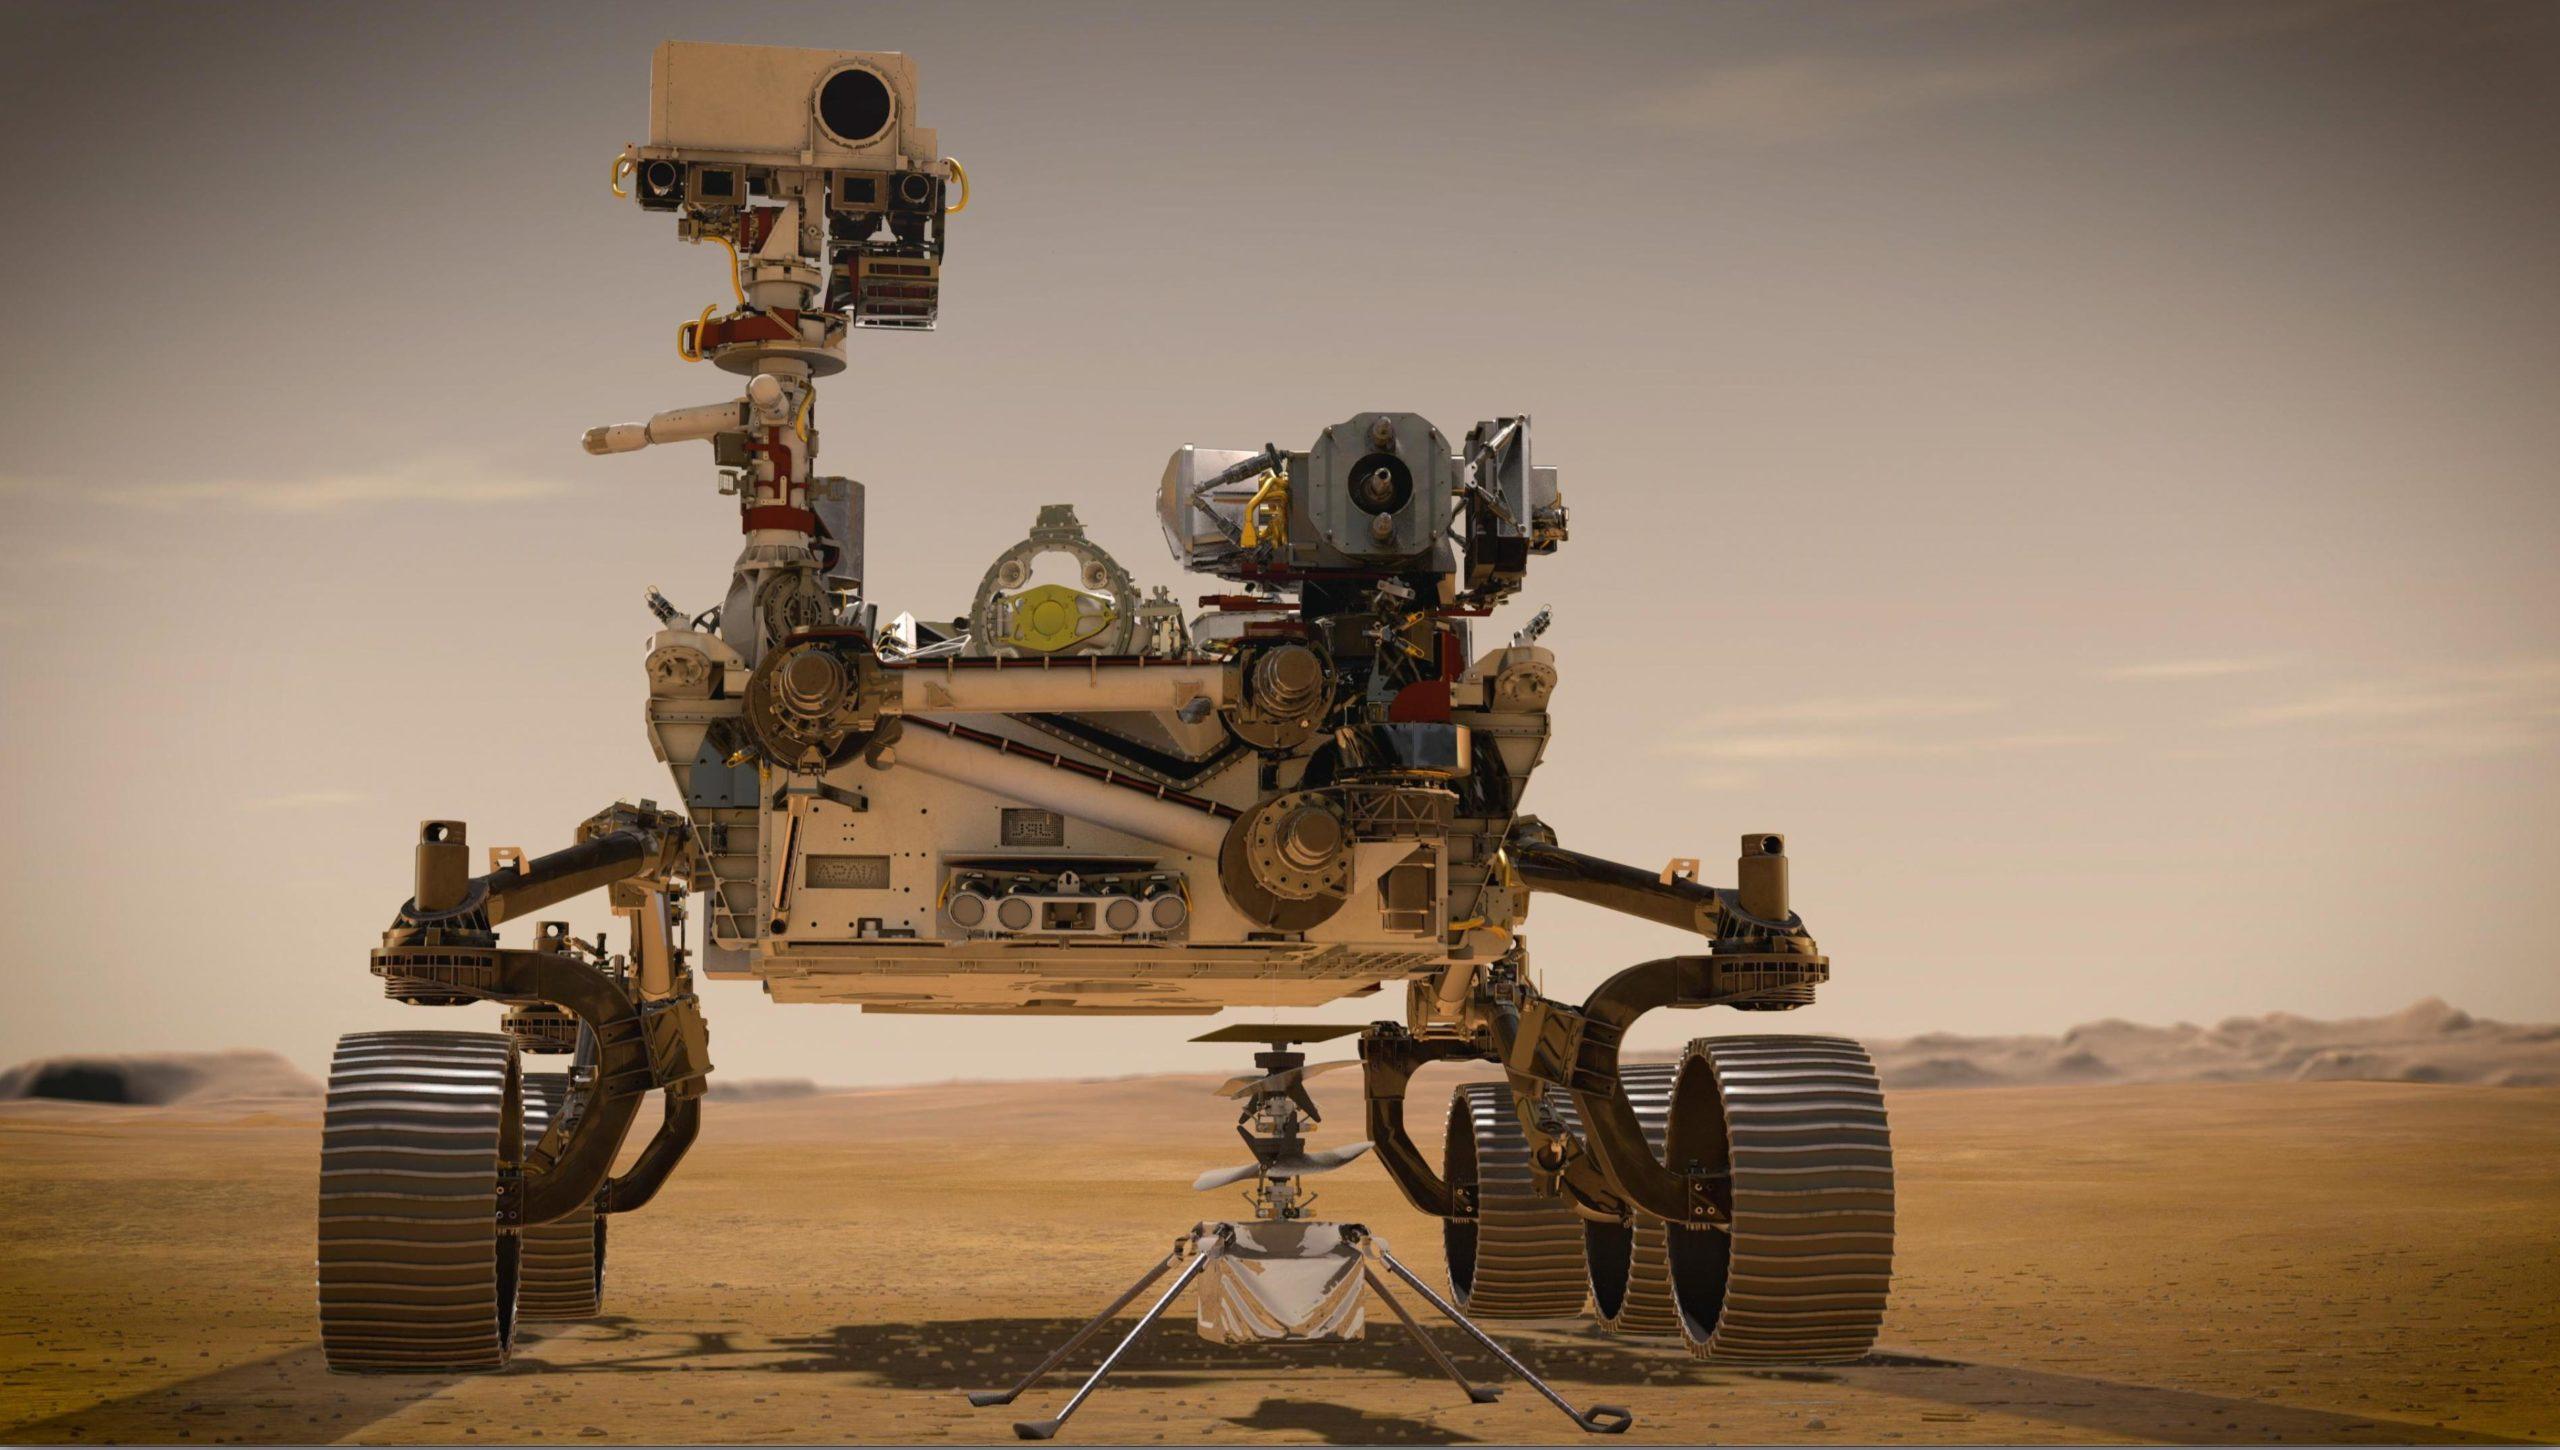 ¿Qué significado tiene el número que la NASA grabó en el perseverance?